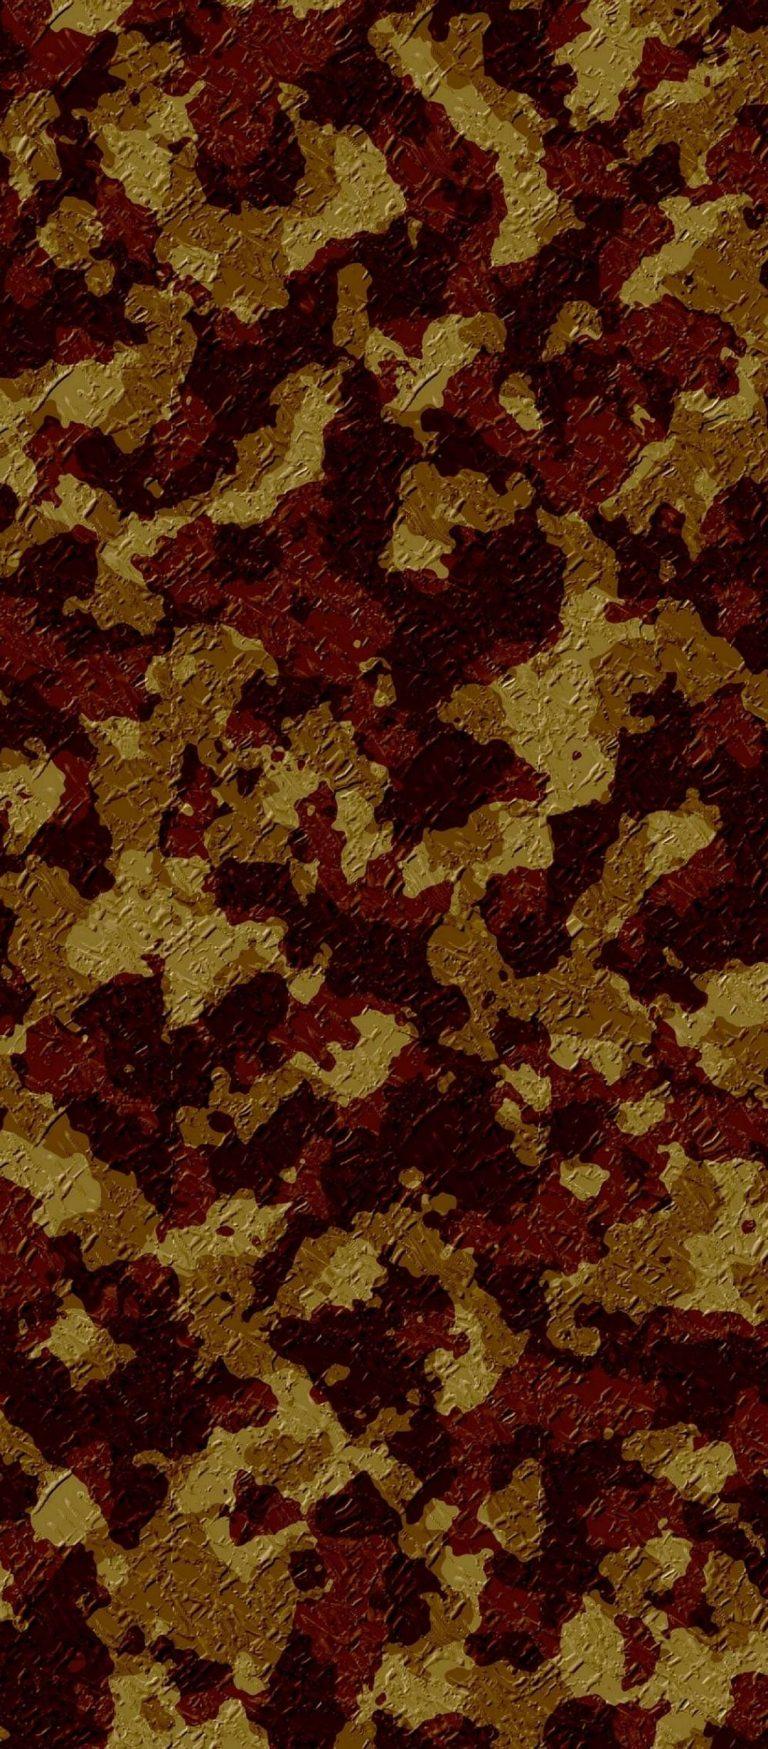 Army Camo Texture Design 1080x2460 768x1749